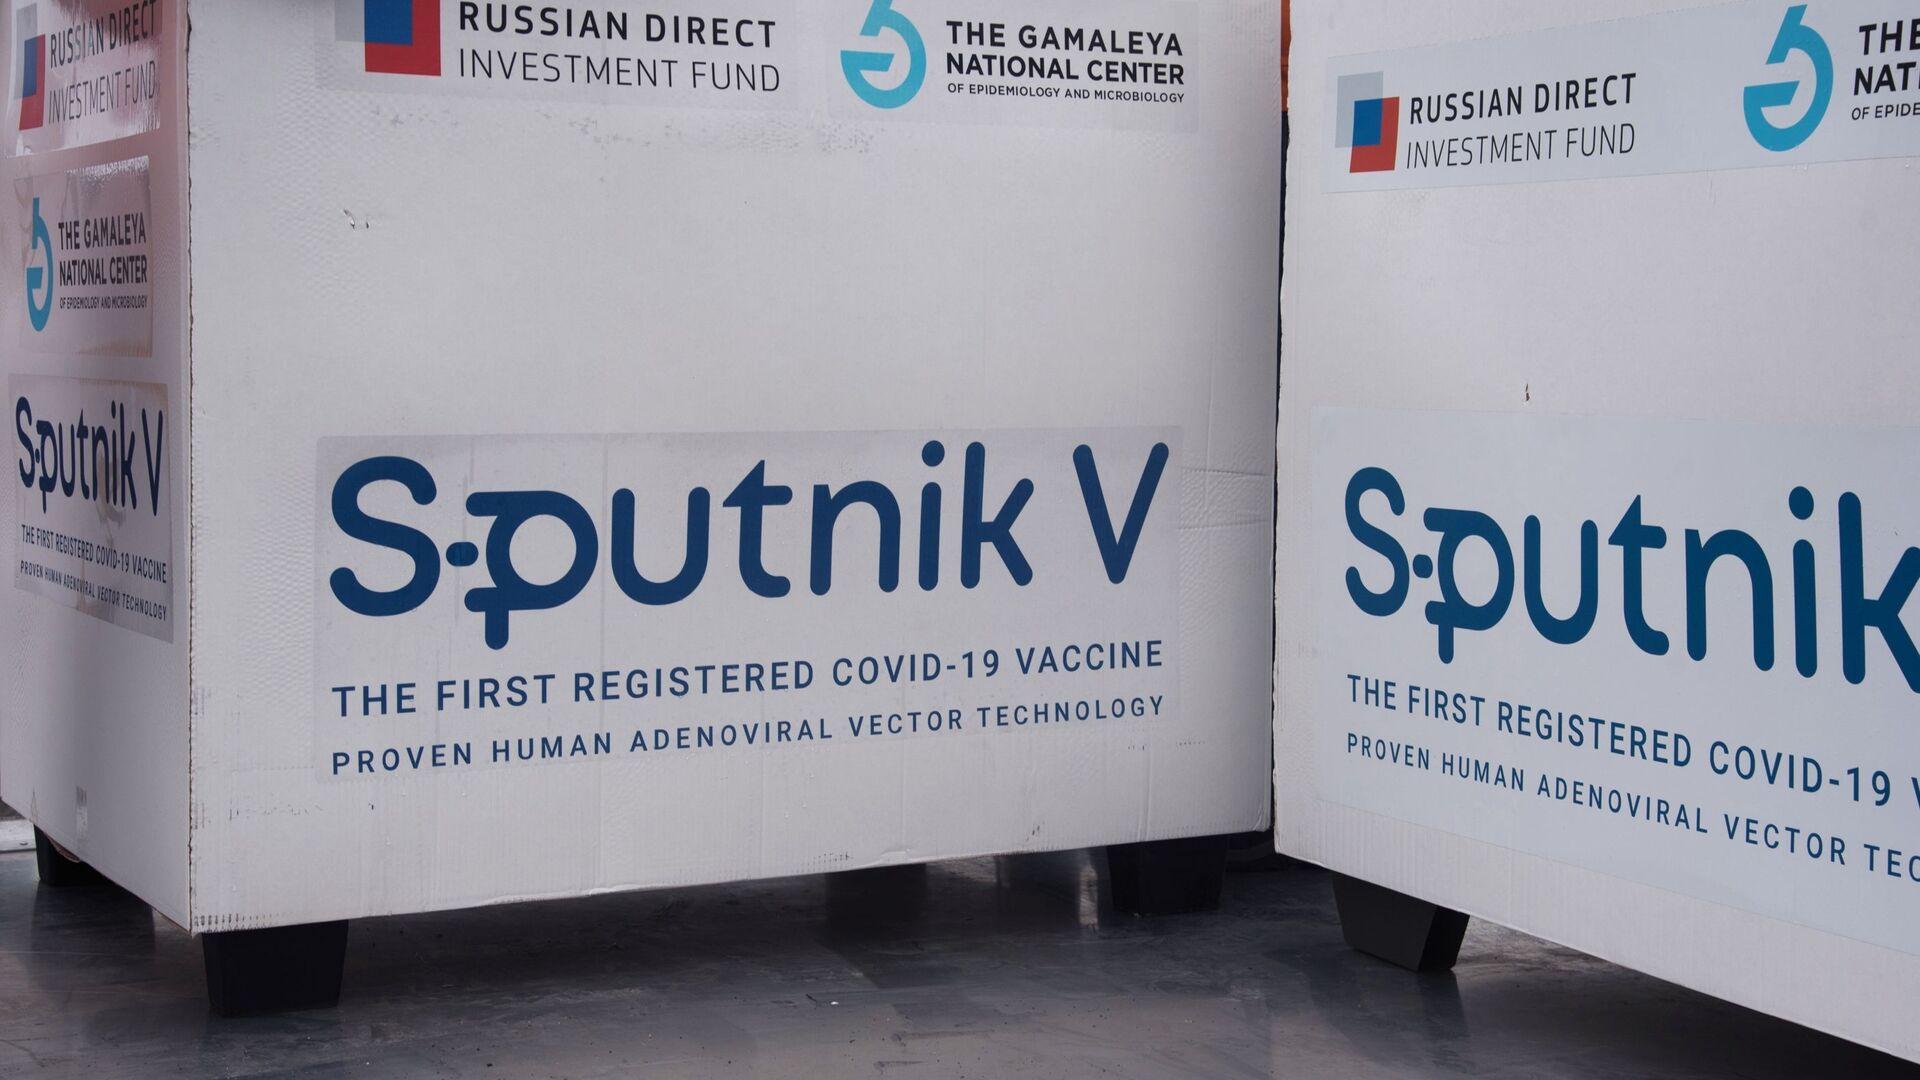 Un lot du vaccin russe Spoutnik V exporté à l'étranger (archive photo) - Sputnik France, 1920, 25.07.2021